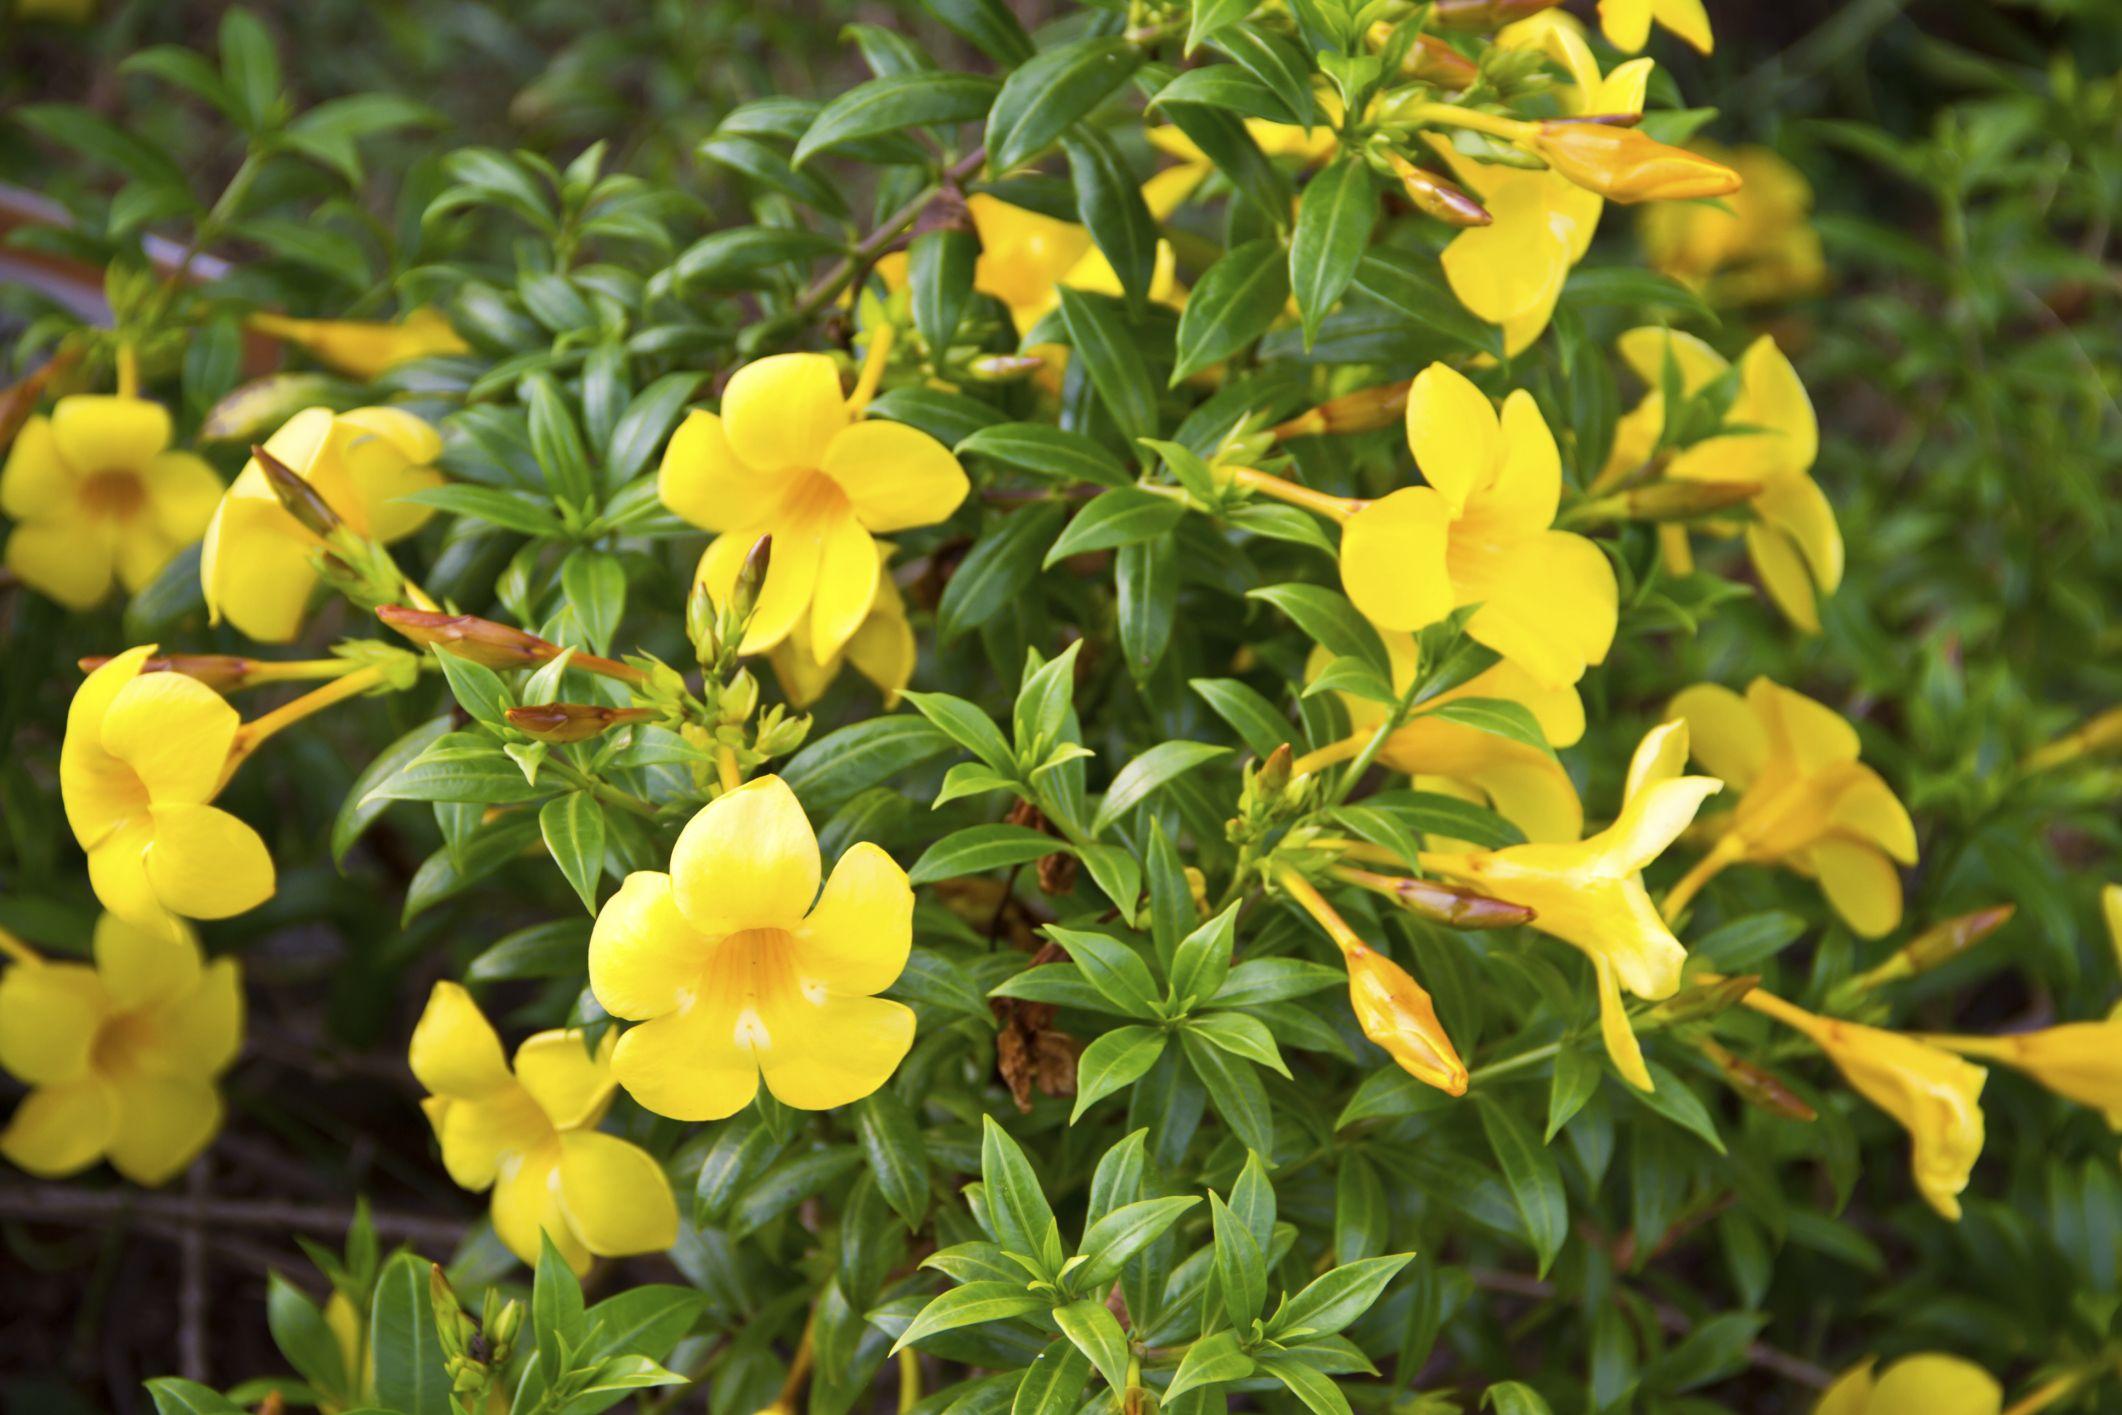 Description of the yellow bell flower flower plants and shrub description of the yellow bell flower hunker mightylinksfo